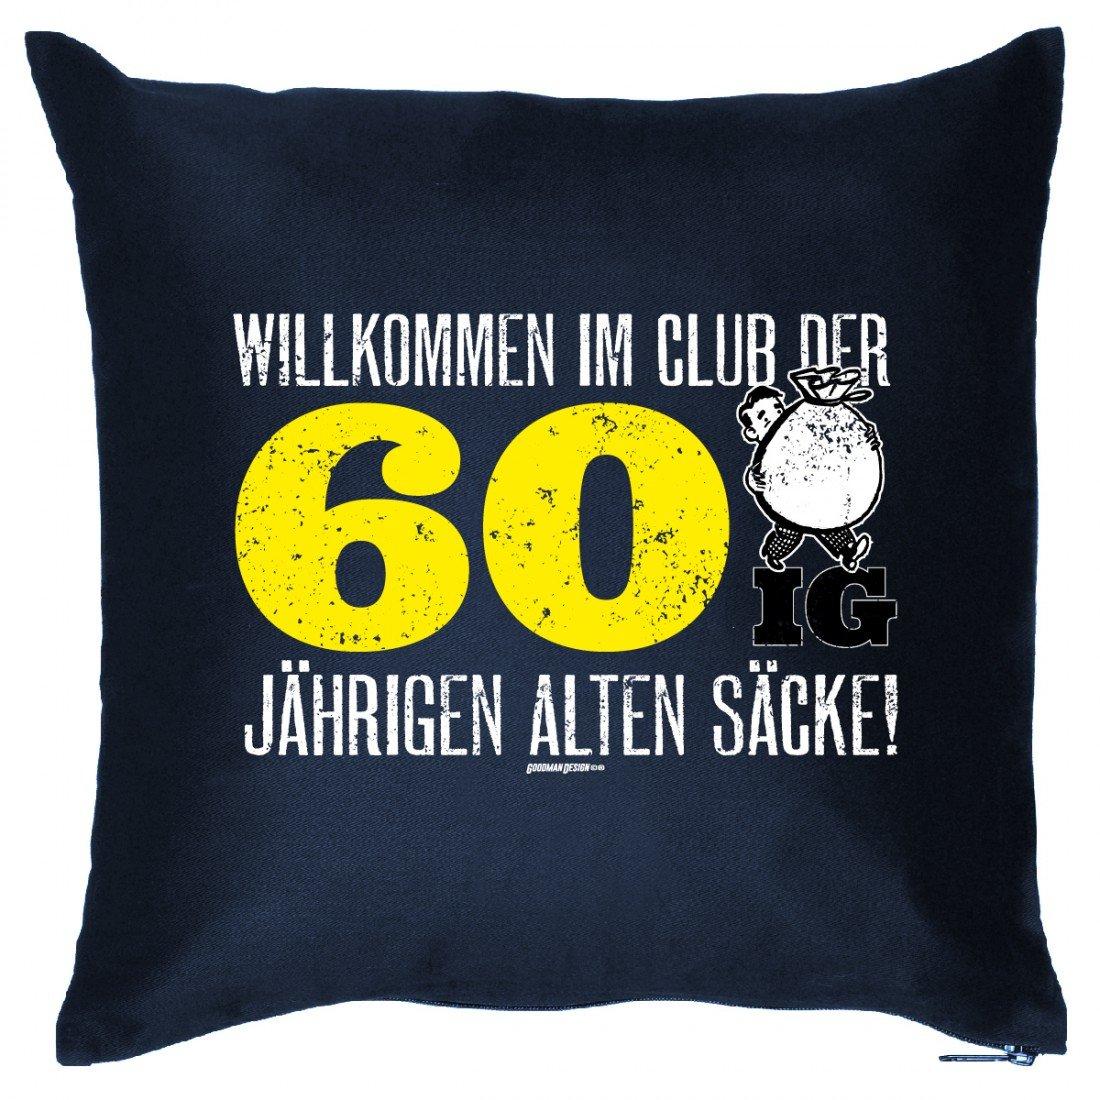 Sofakissen zum 60. Geburtstag – Willkommen im Club der 60 Jährigen alten Säcke – Geburtstaggeschenk – Wendekissen Humor günstig